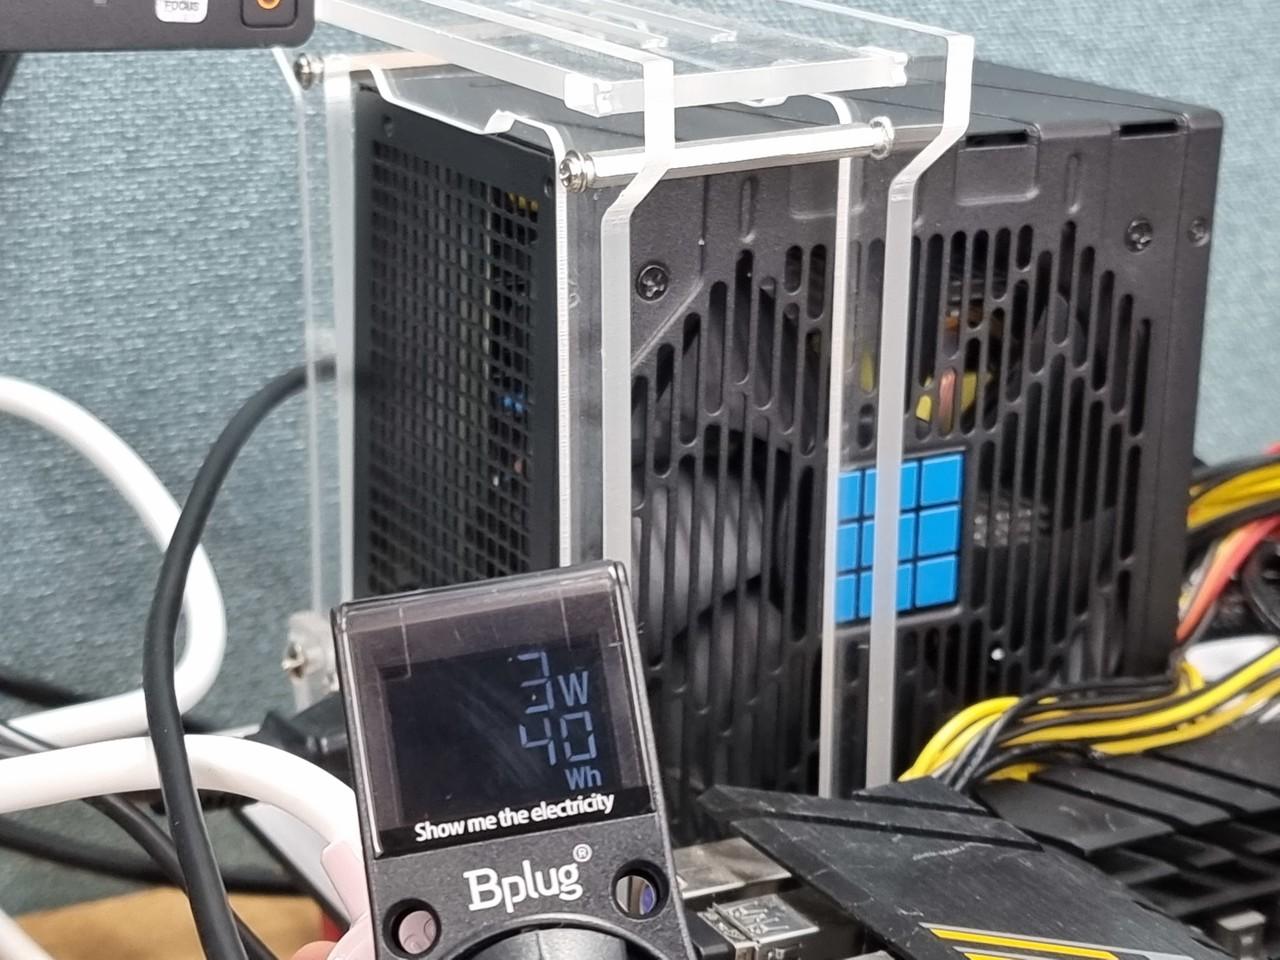 ▲ 전원 버튼을 3초 정도 눌러 부팅하면 일반 파워 모드로 변경된다. 해당 상태에서는 대기 전력이 그대로 측정된다. 전원이 꺼진 상태에서 3W 정도로 확인된다.